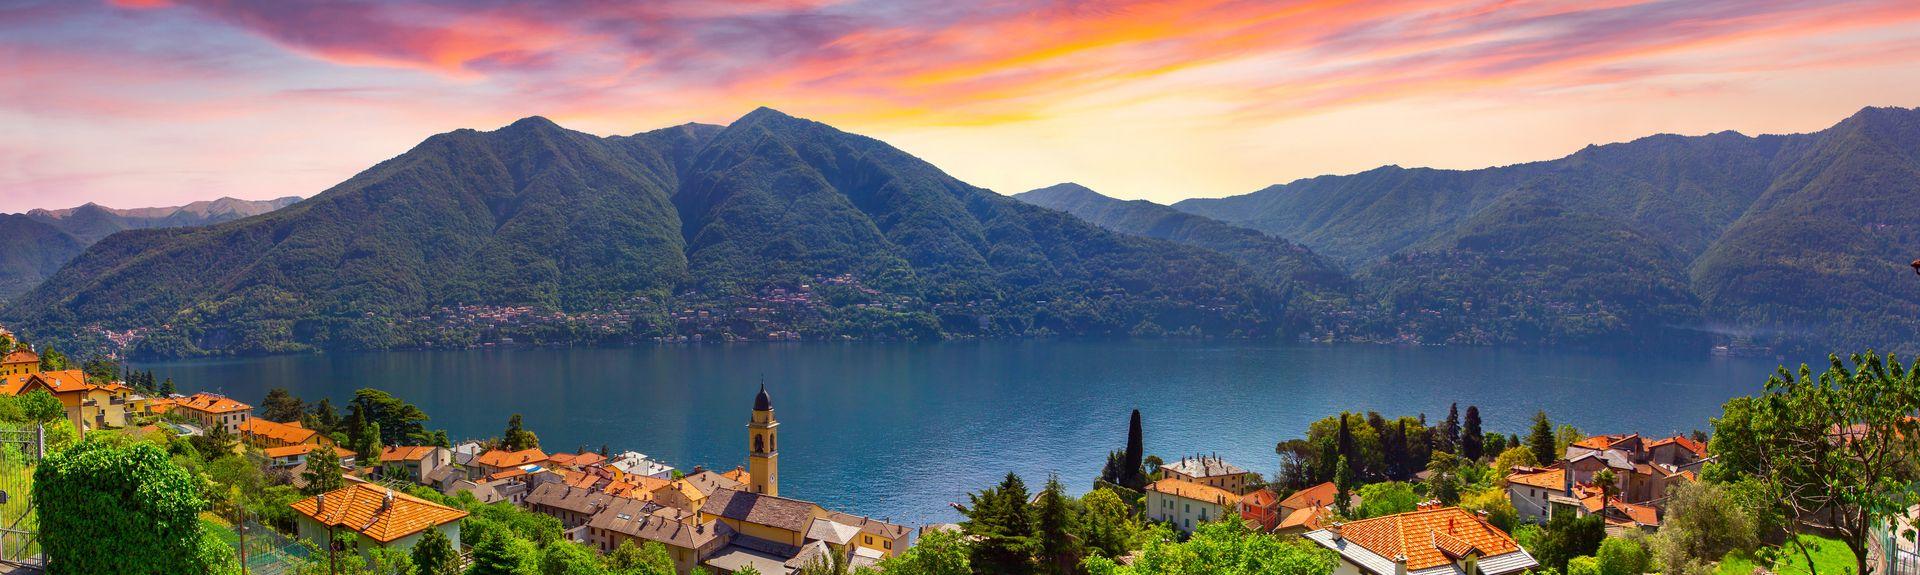 Comosøen, Lombardiet, Italien